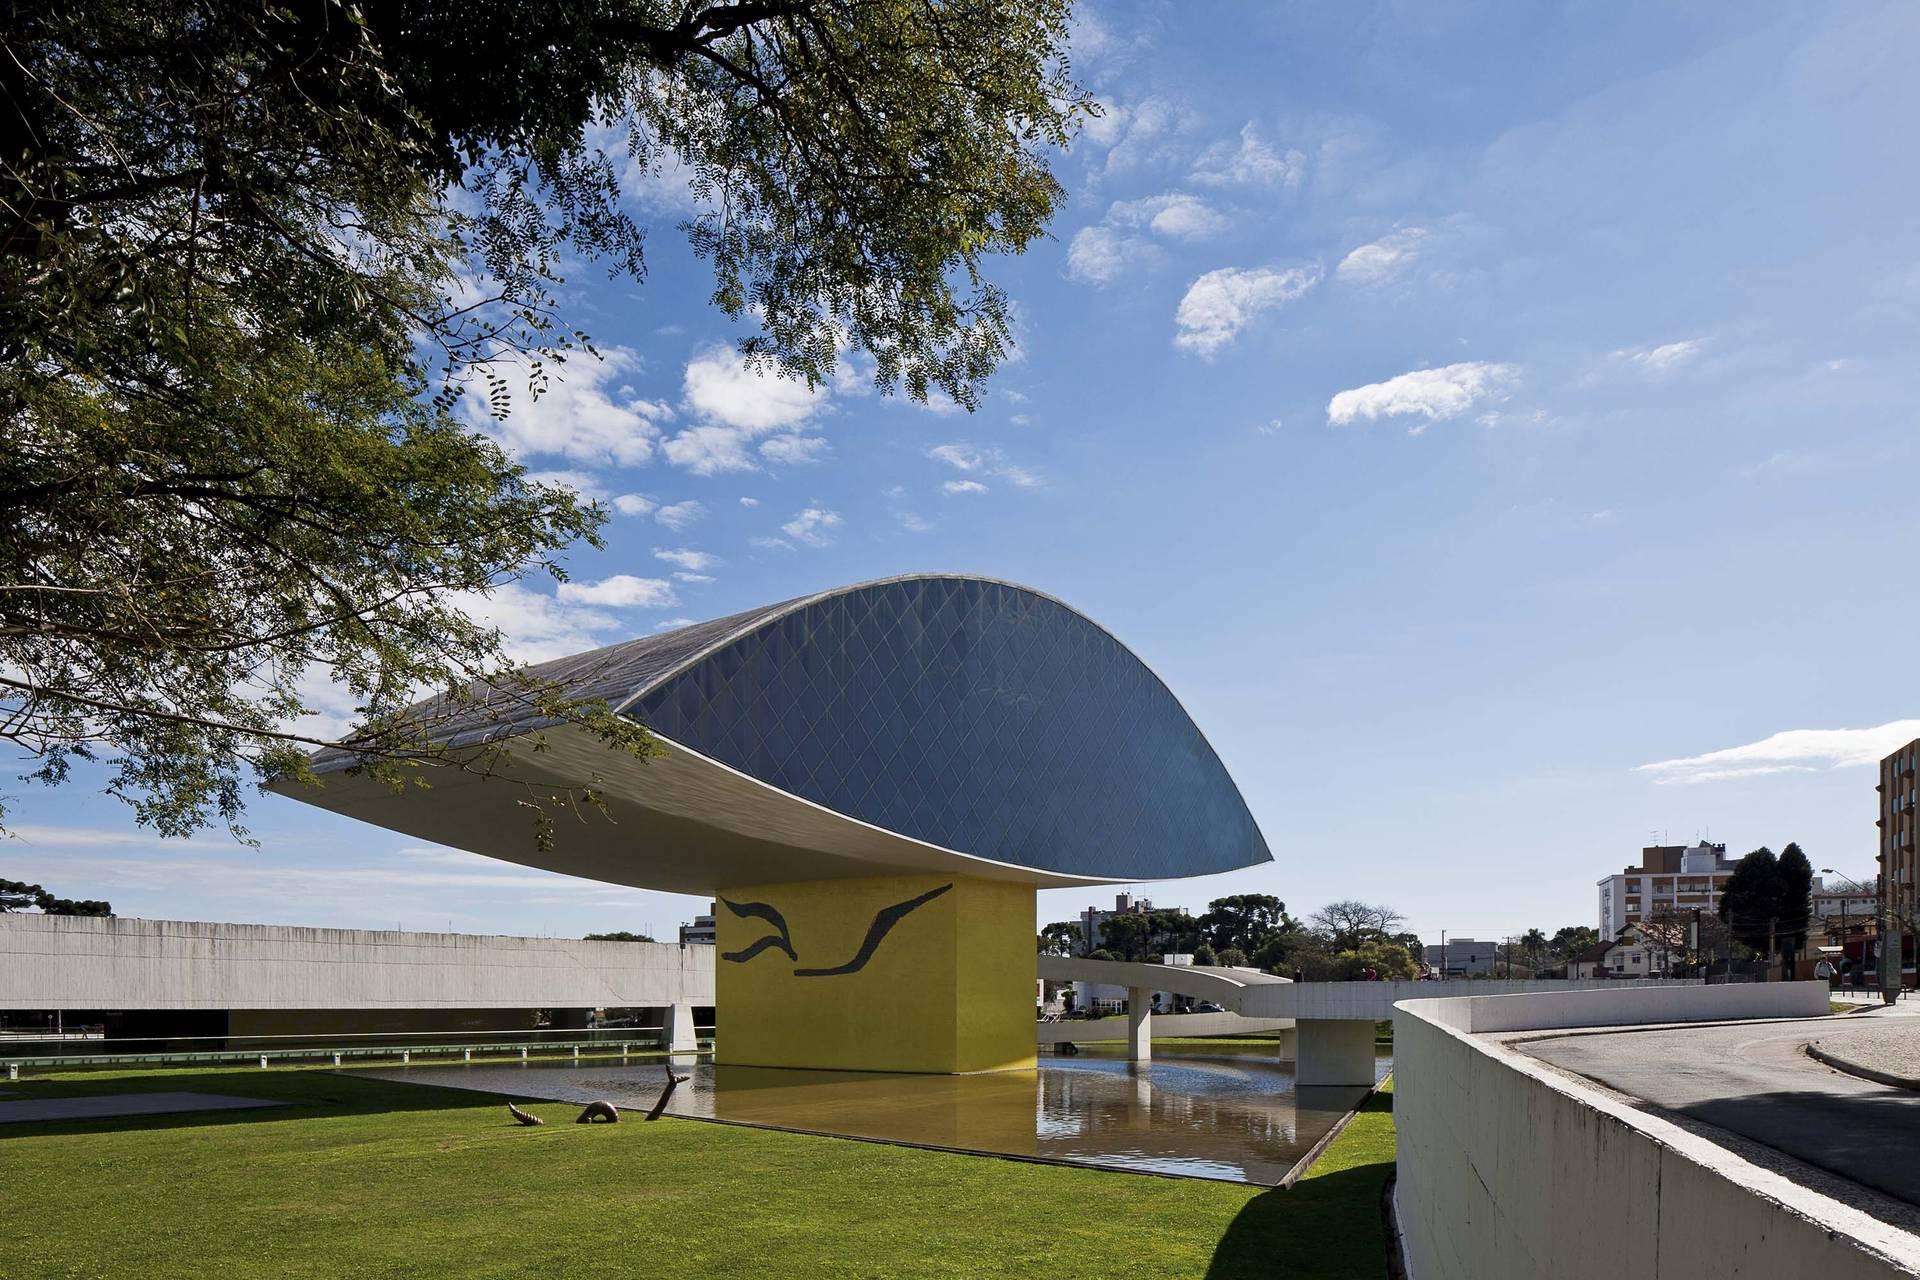 MON apresenta visita virtual à exposição O Ritmo do Espaço